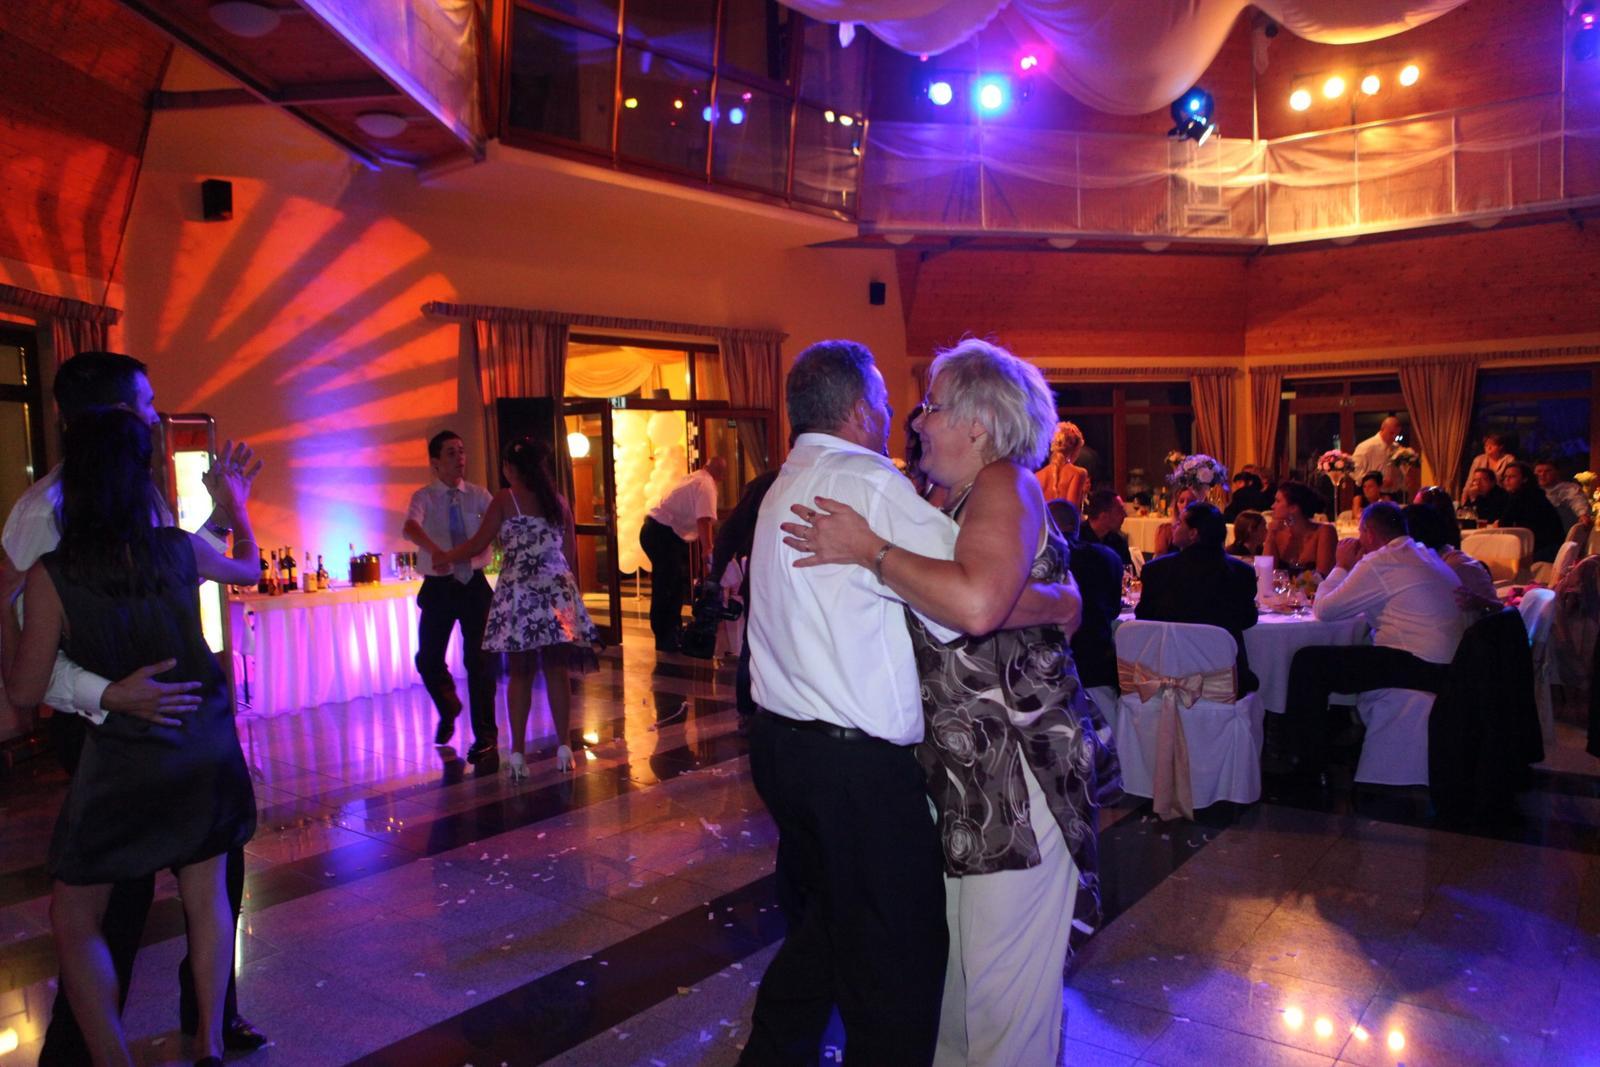 djpetersk - Svadobná zábava Hotel Hradná brána - Ozvučenie osvetlenie, koordinovanie svadobnej zábavy